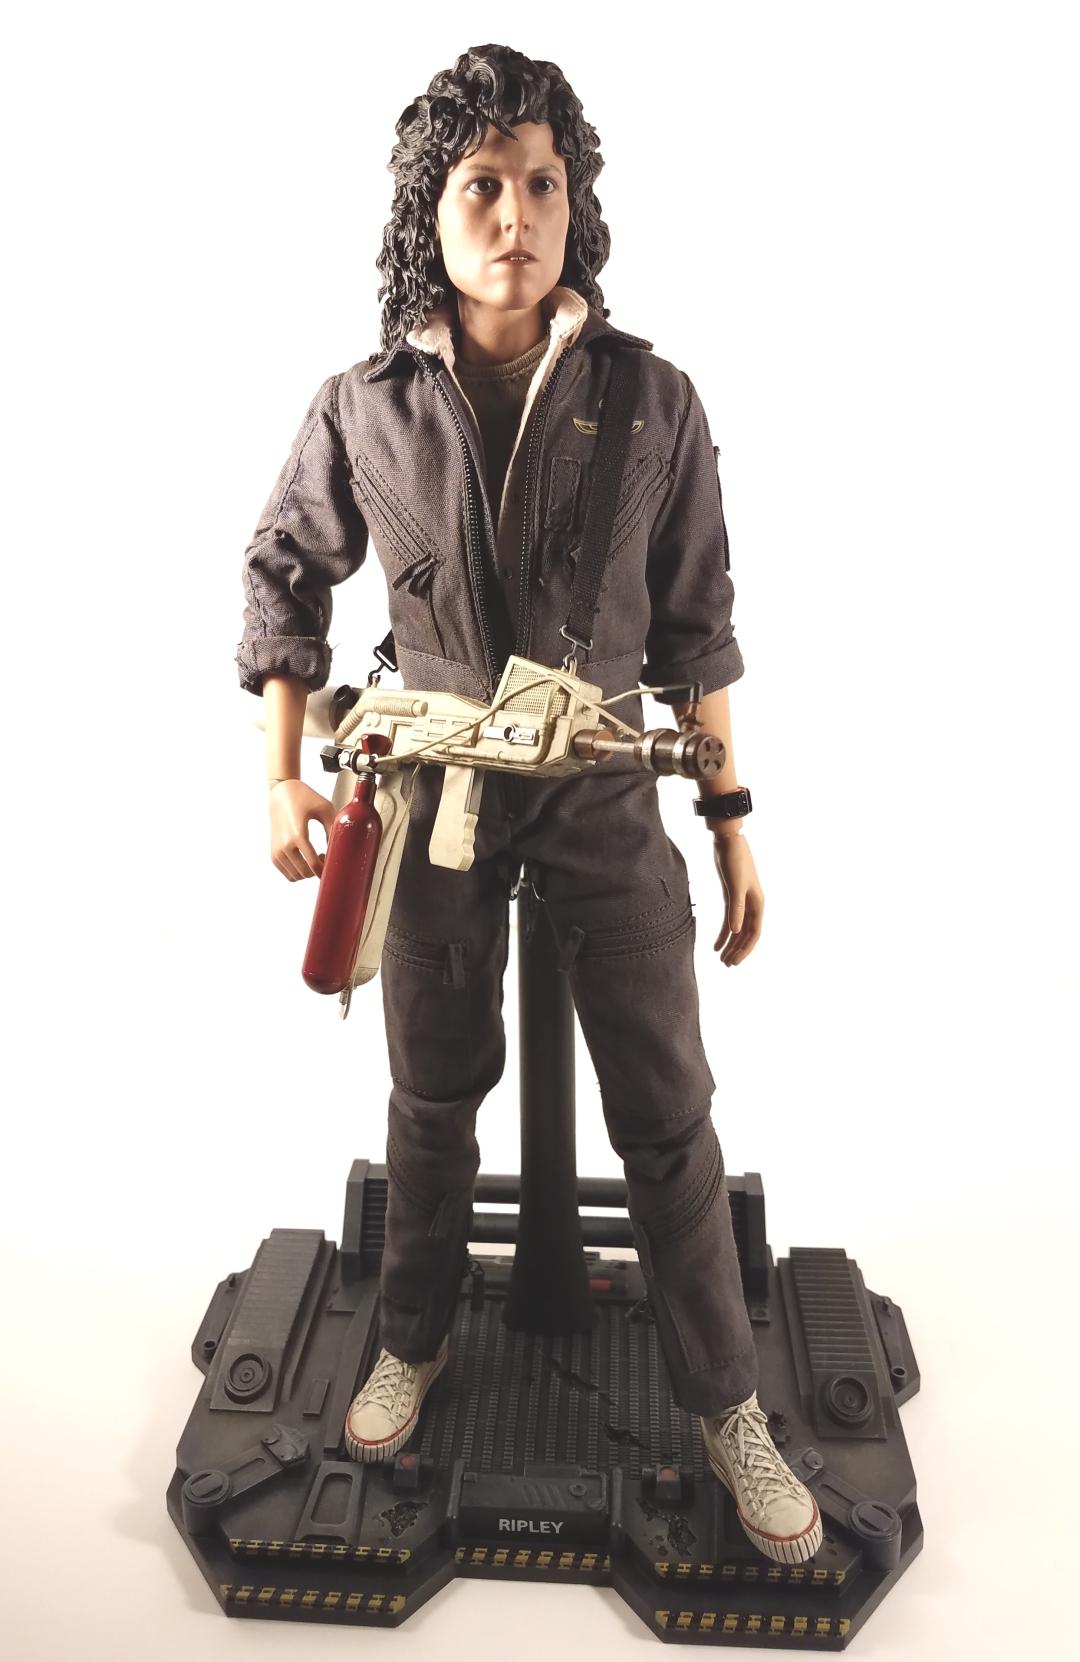 Ripley Figure 11